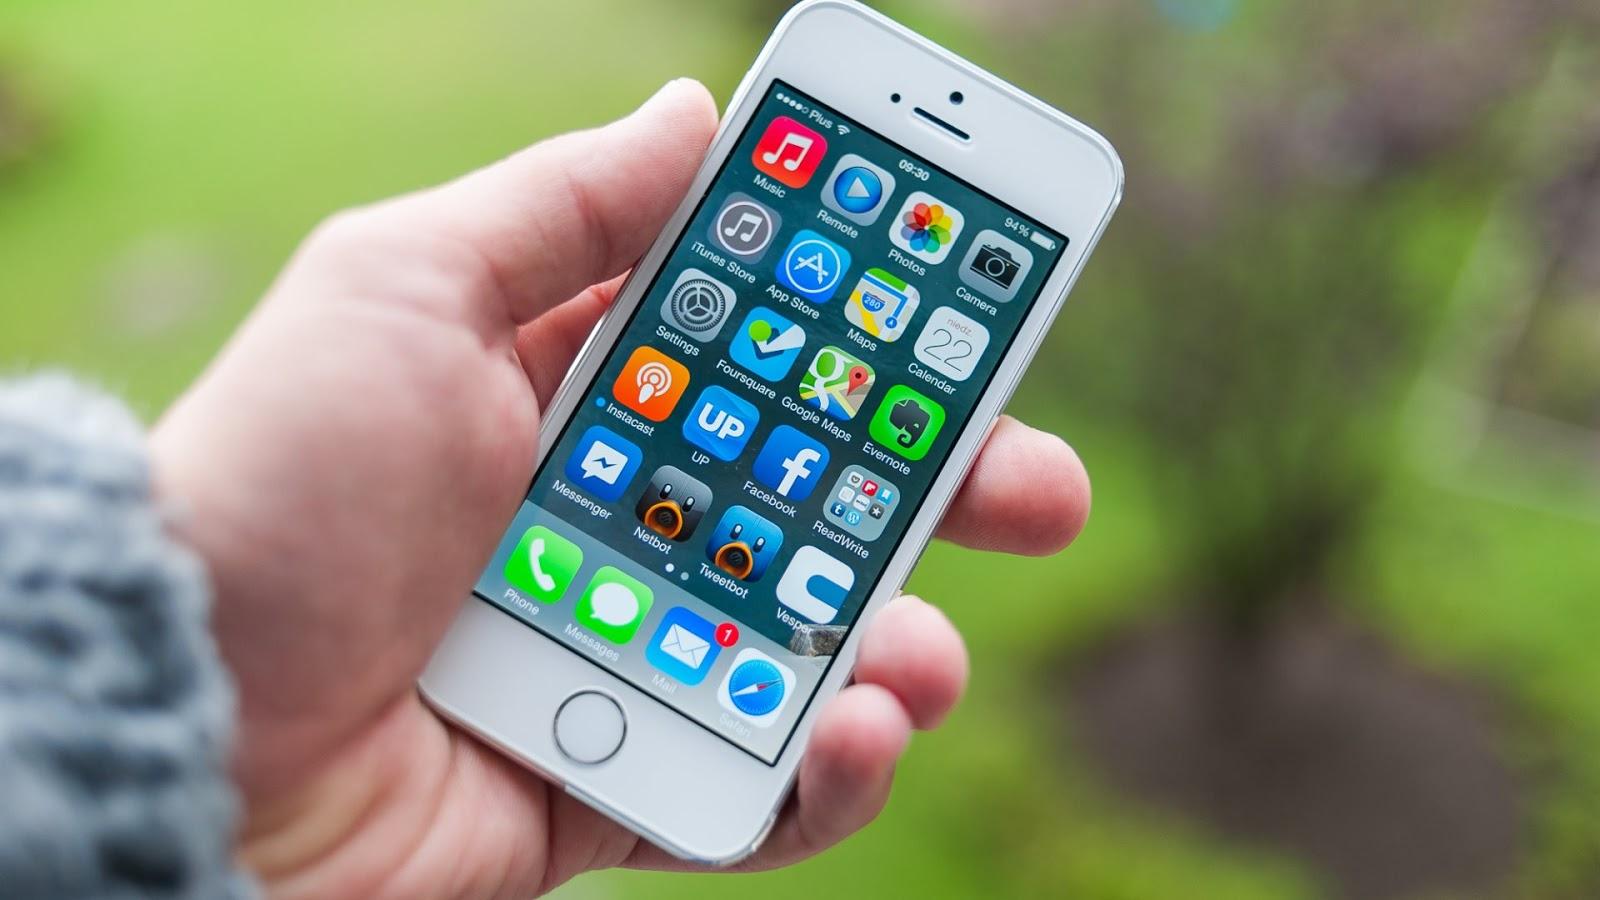 Δημοπρατείται η εφαρμογή Client tracking για τη διαχείριση των κοινωνικών παροχών του Δήμου Βόλο